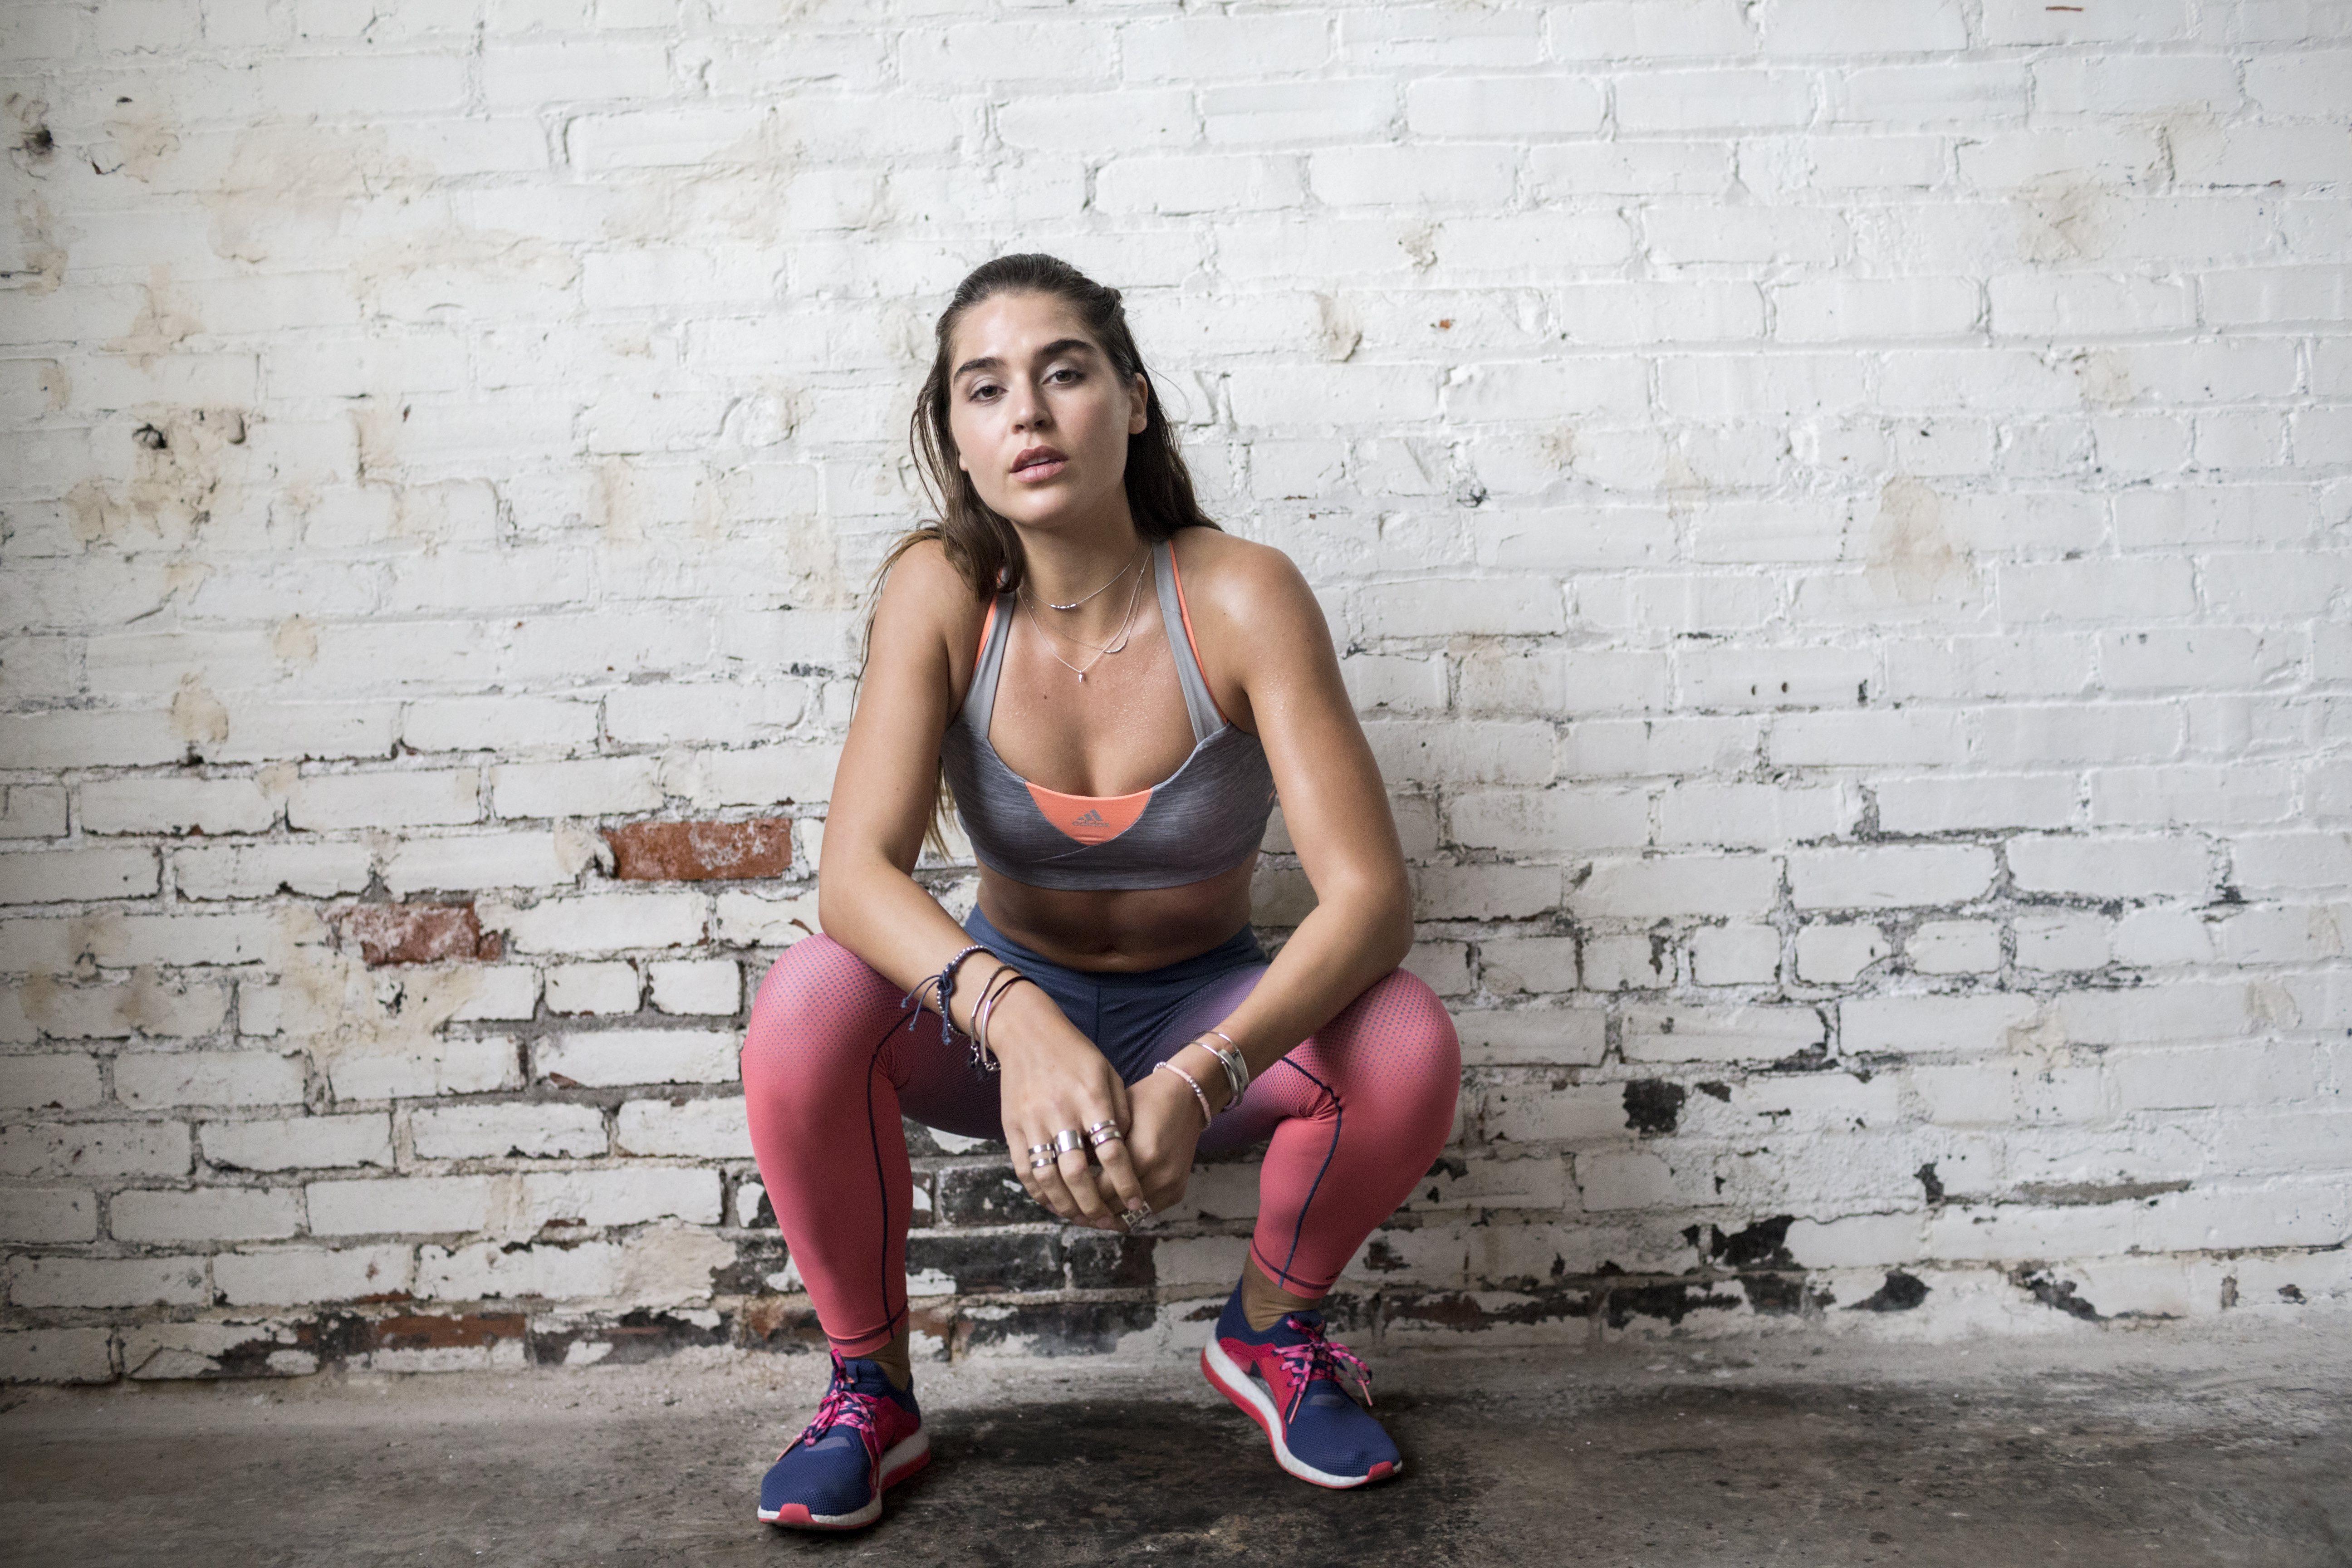 Chaussure X Les De Une Femmes Pureboost Adidas Pour Running wt5qPnx1